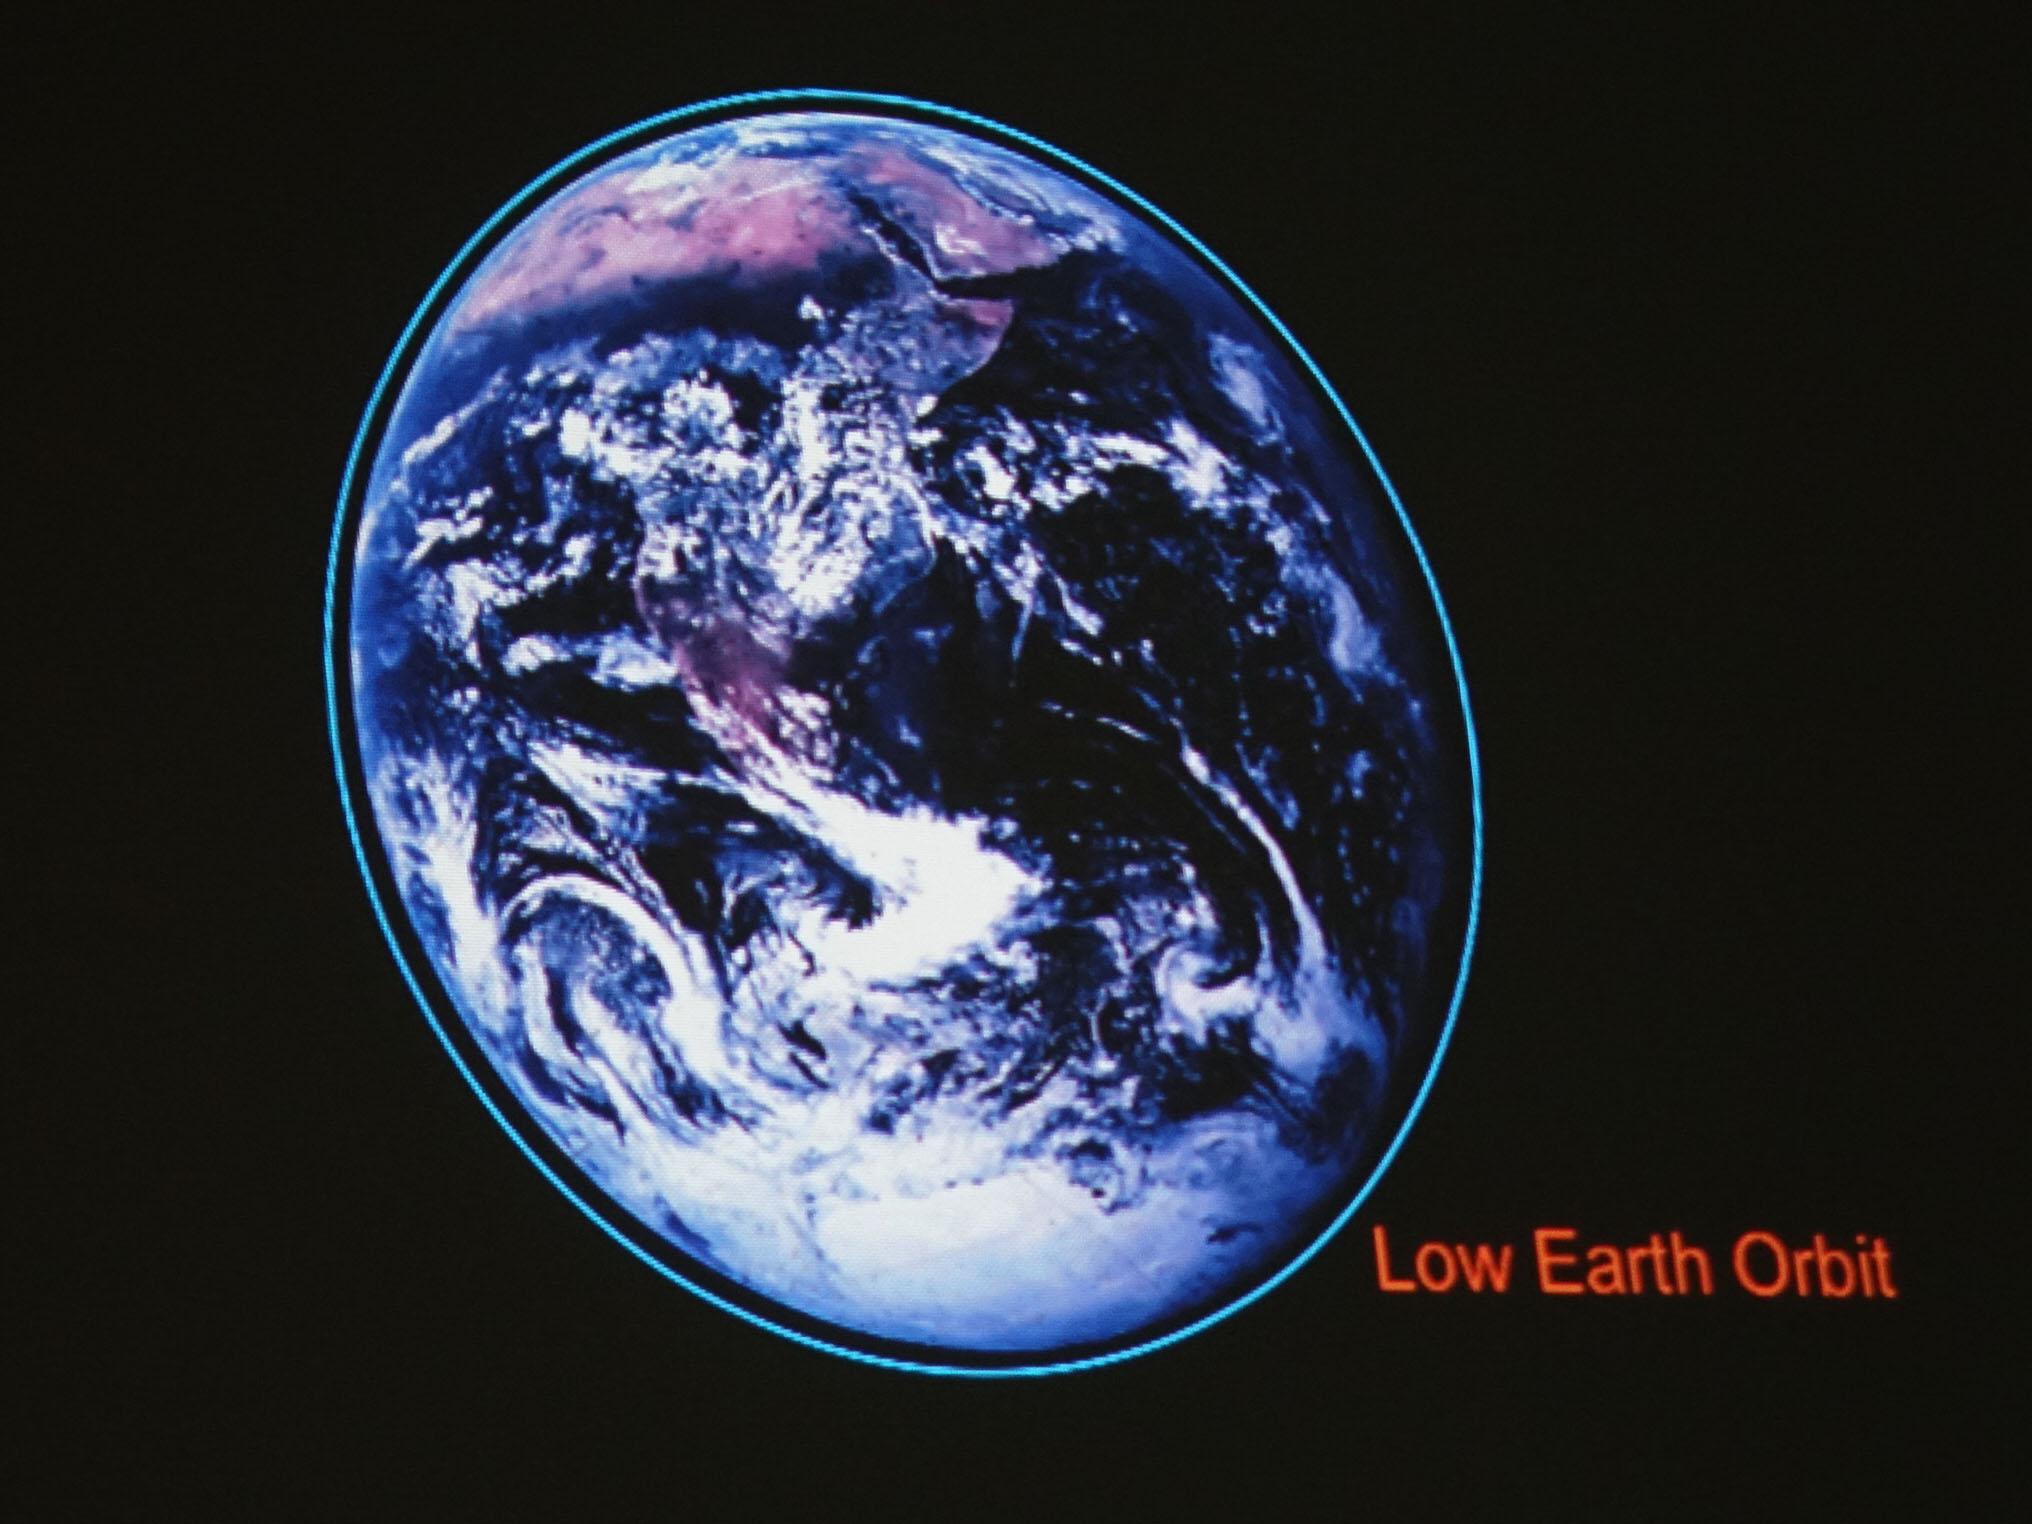 low earth orbit freefall - photo #15